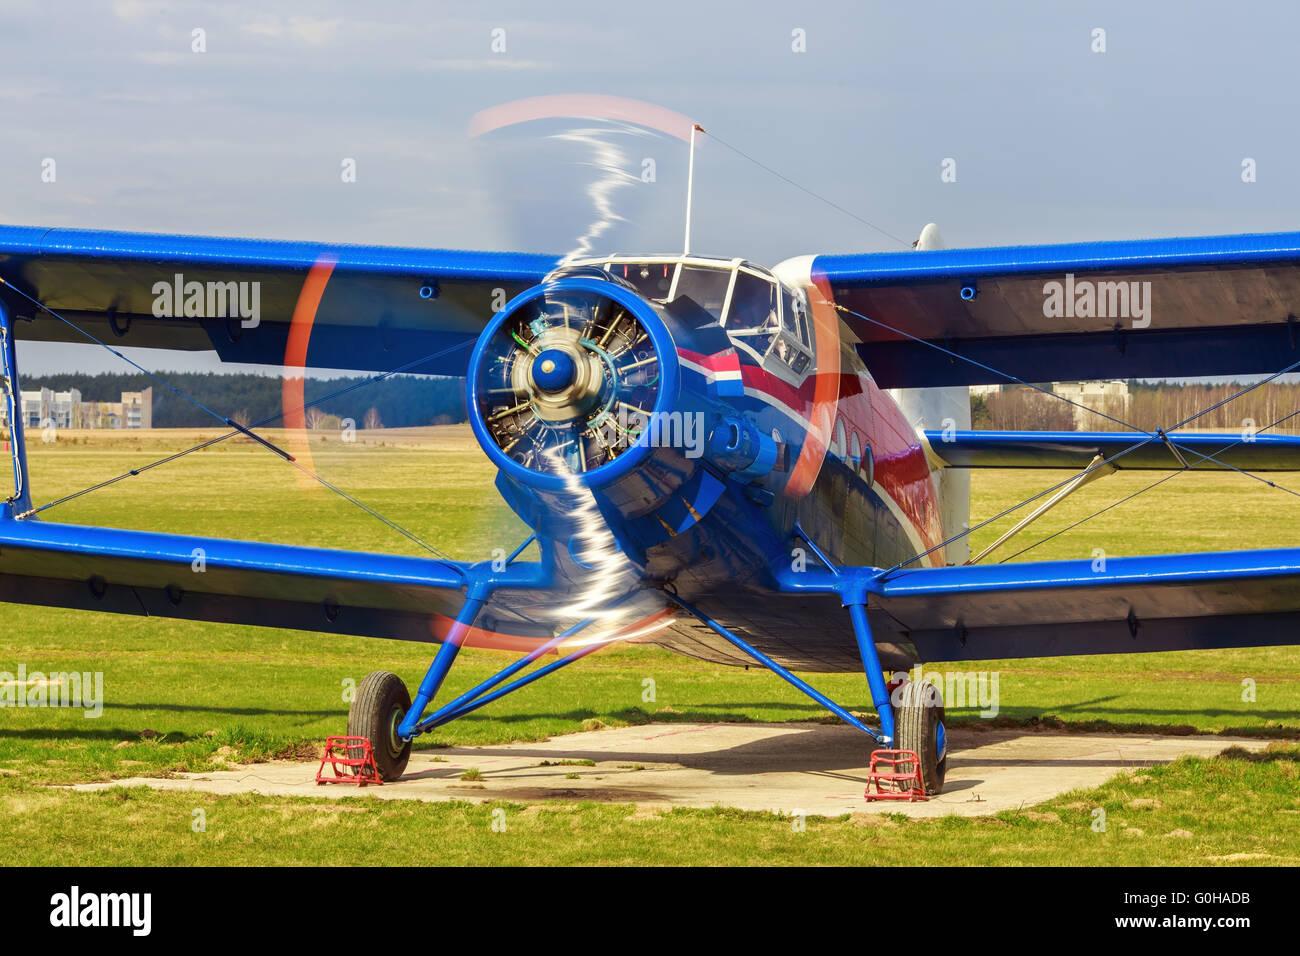 Flugzeug mit dem rotierenden propeller Stockbild